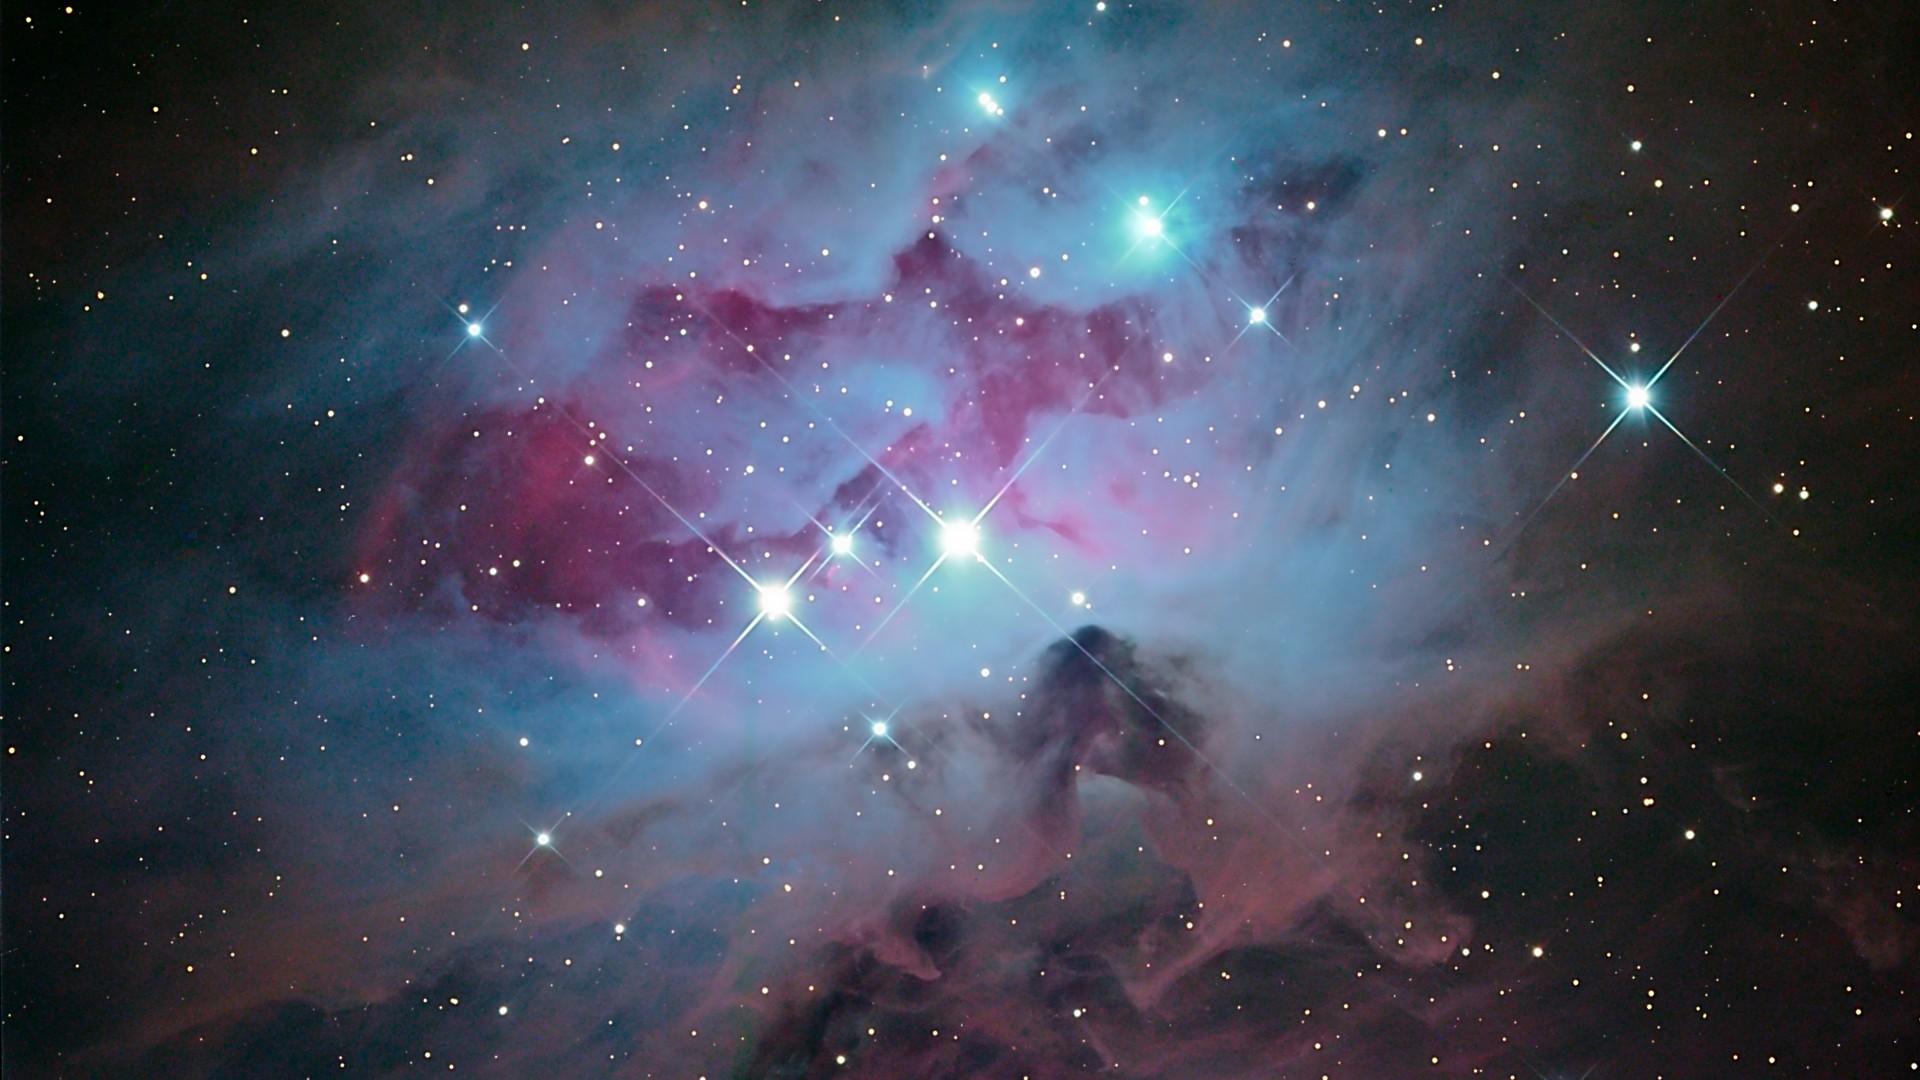 Amazing Milky Way Wallpapers: Milky Way Wallpaper 1920x1080